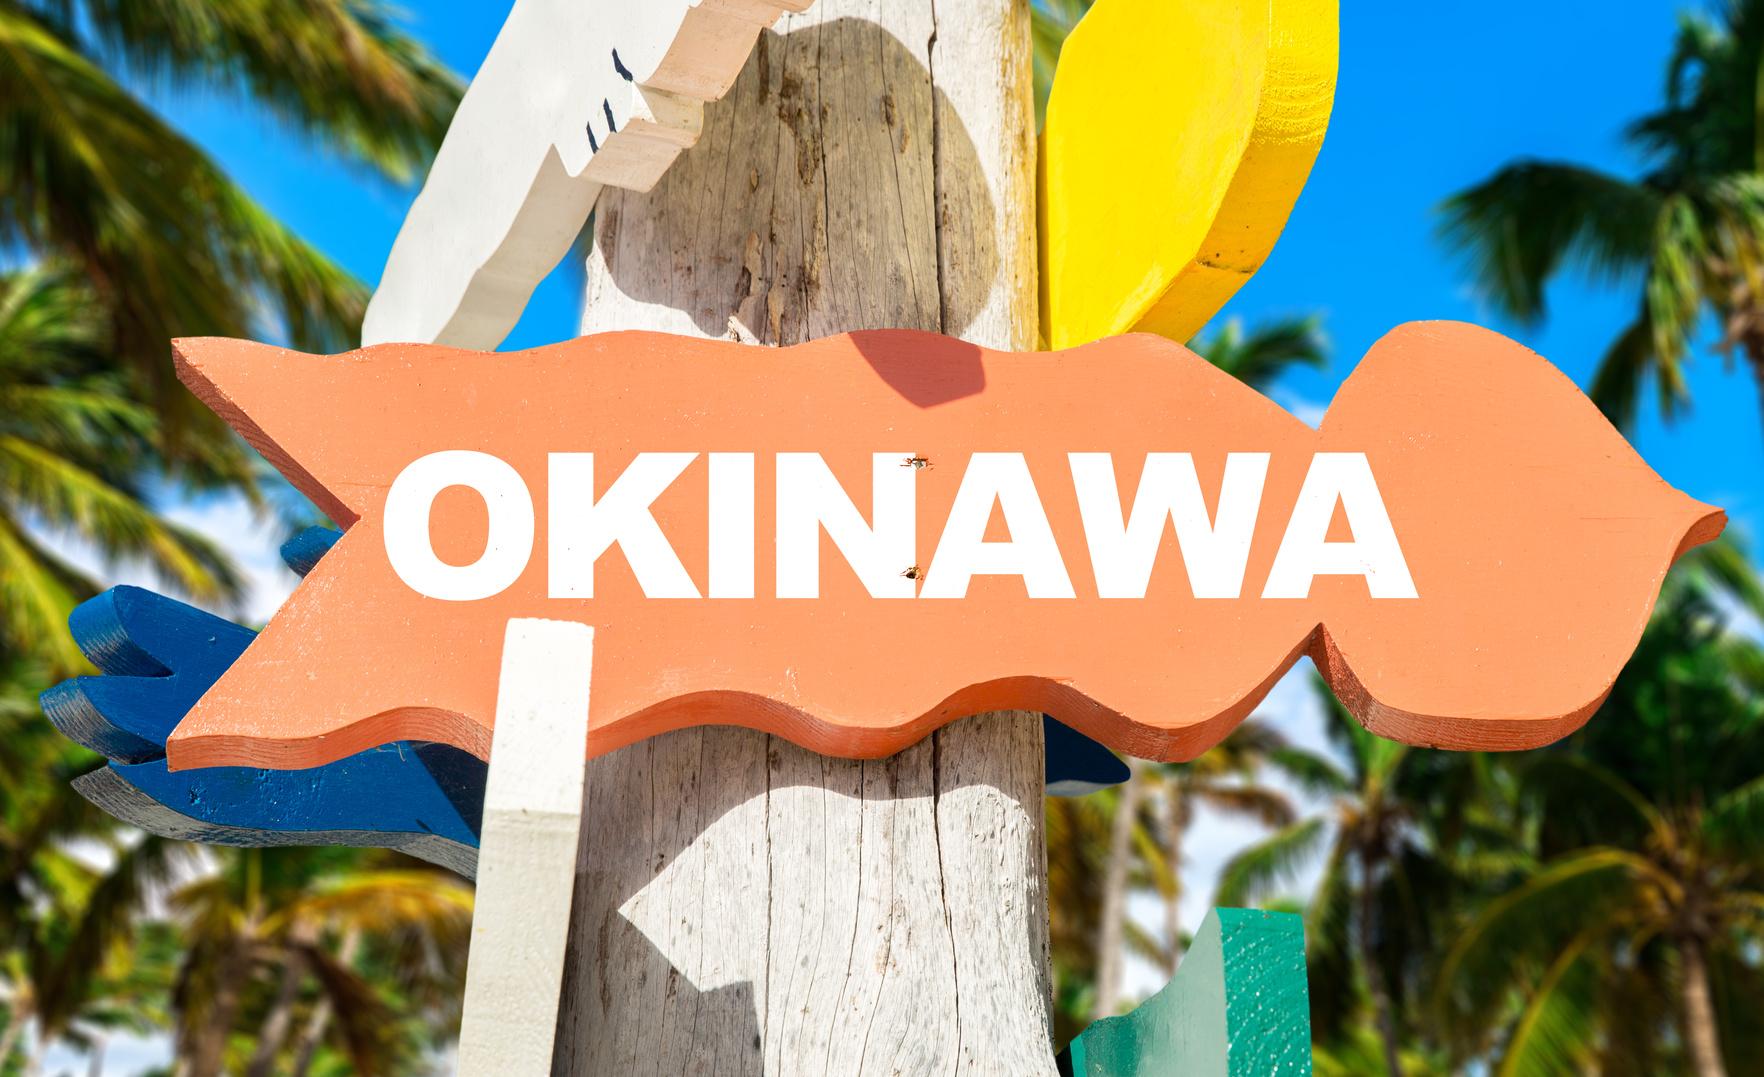 OKINAWA, côté culture, histoire et nature